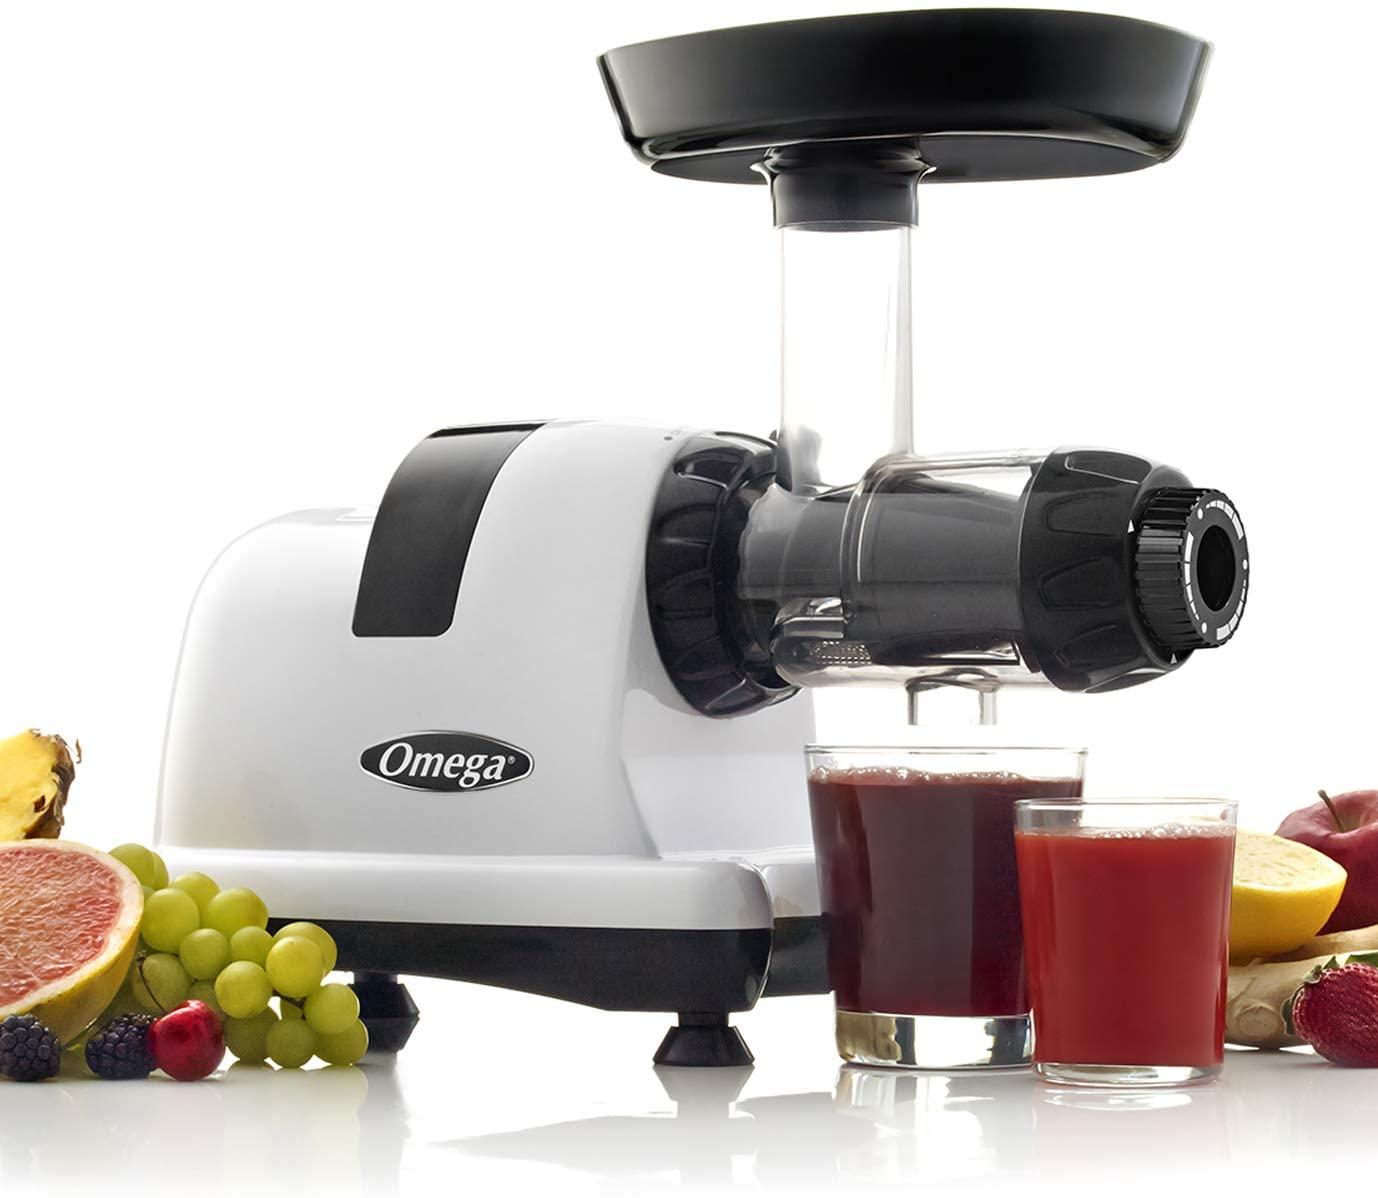 Omega J8006 Nutrition Center Juicer